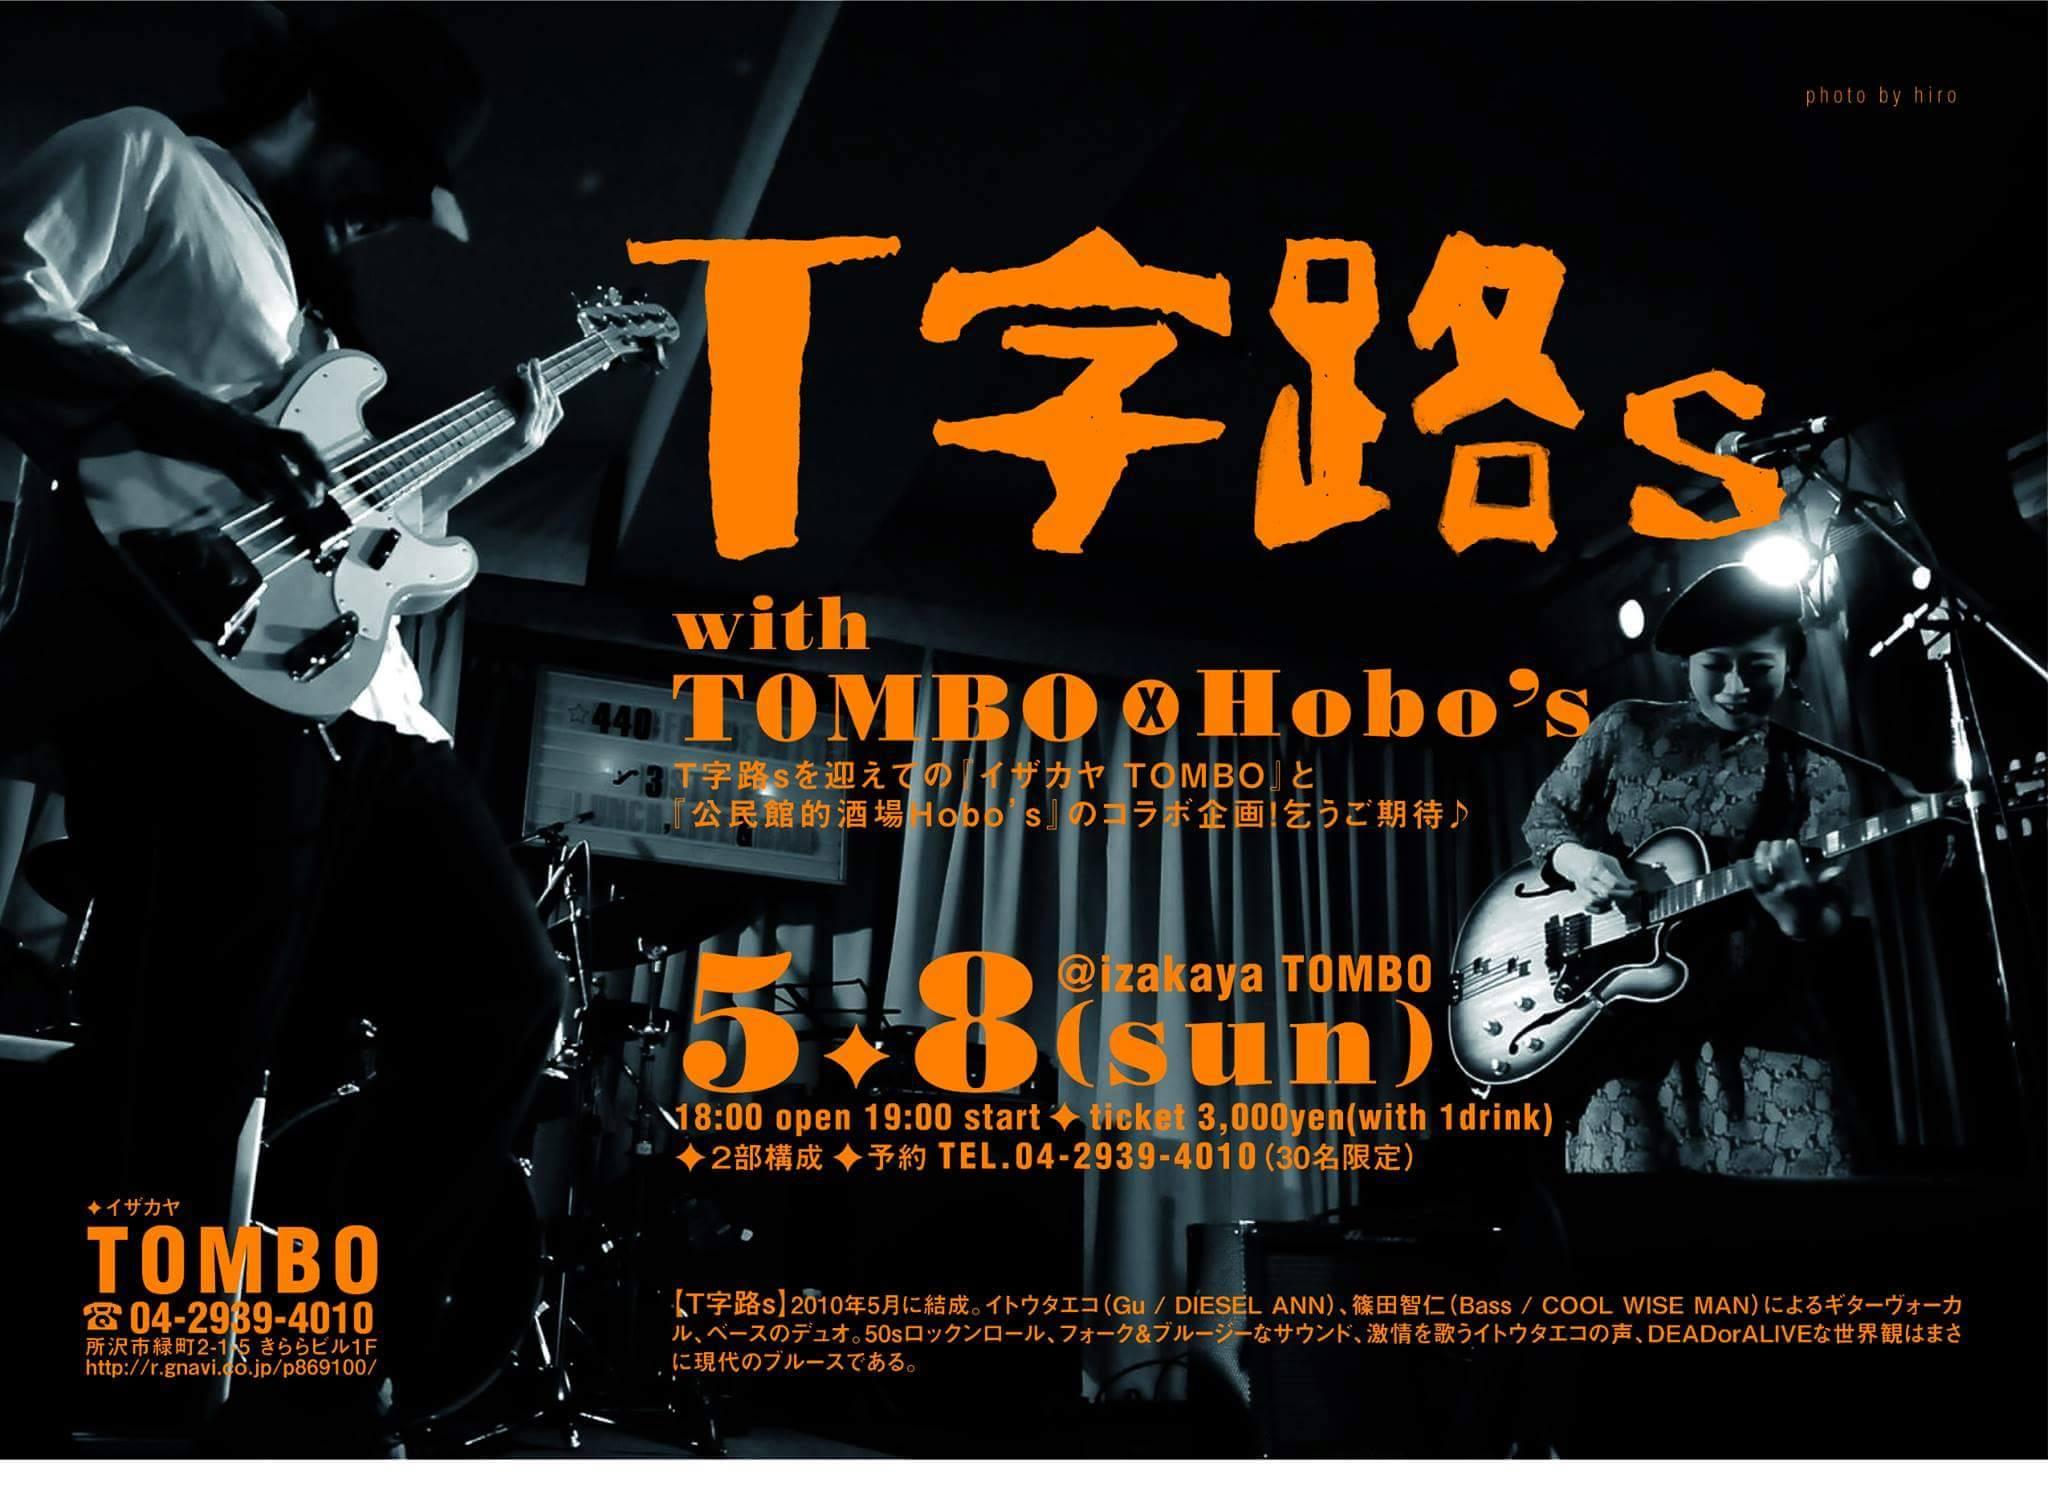 新所沢 TOMBO 【T字路s with TOMBO×Hobo's】